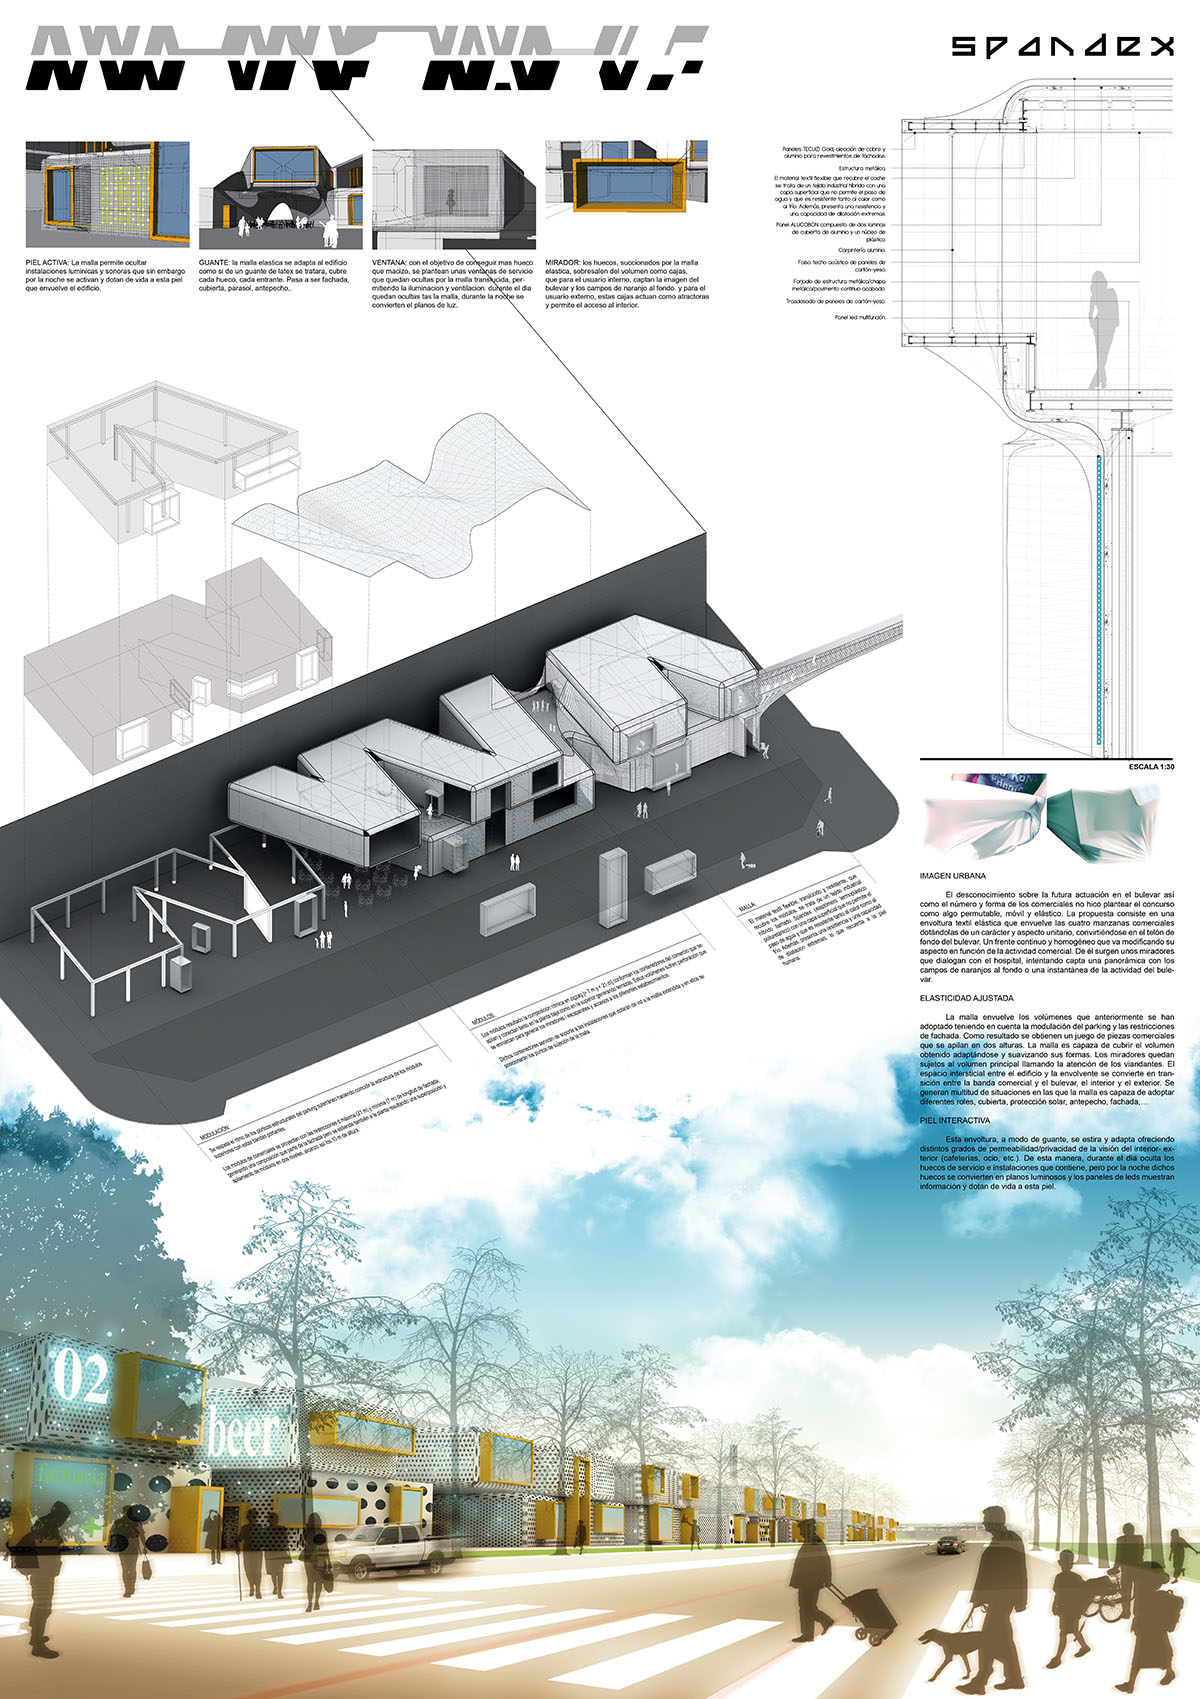 Spandex Concurso De Arquitectura En Gandia David Jim Nez Arquitectura Y Paisajismo En Madrid